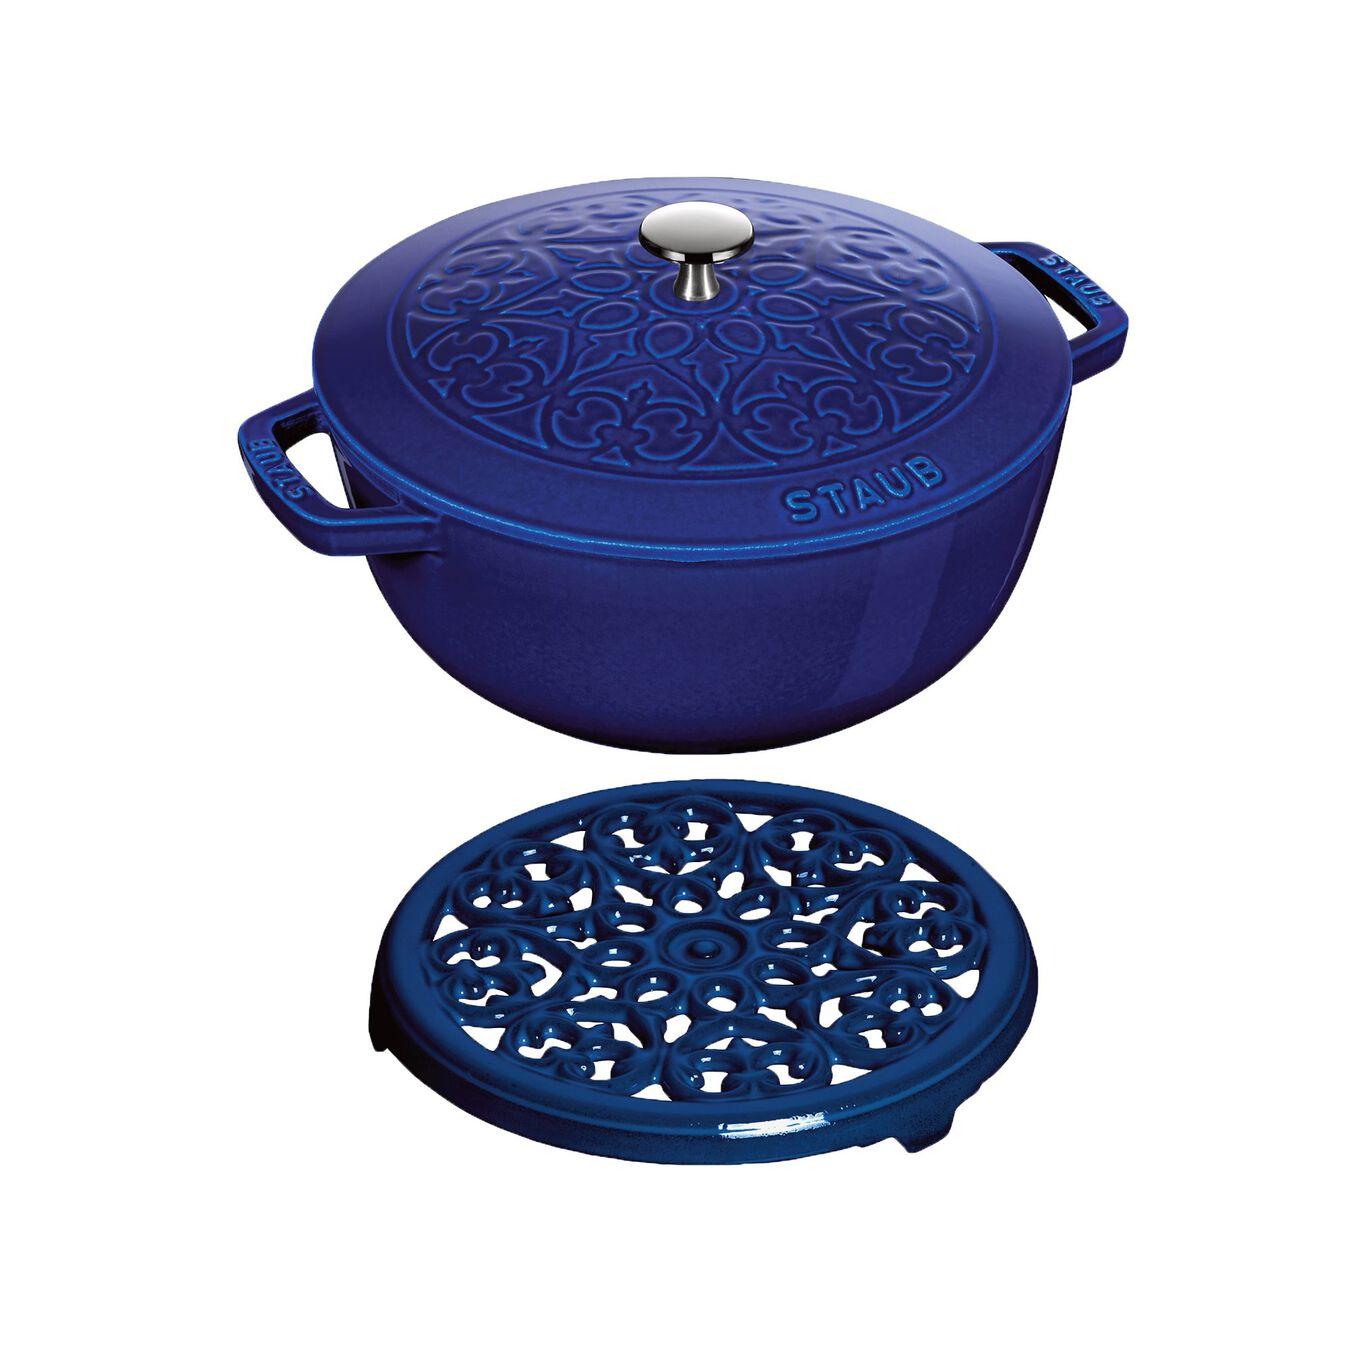 Ensemble de casseroles, 2-pcs   round   Cast iron   Dark-Blue,,large 1